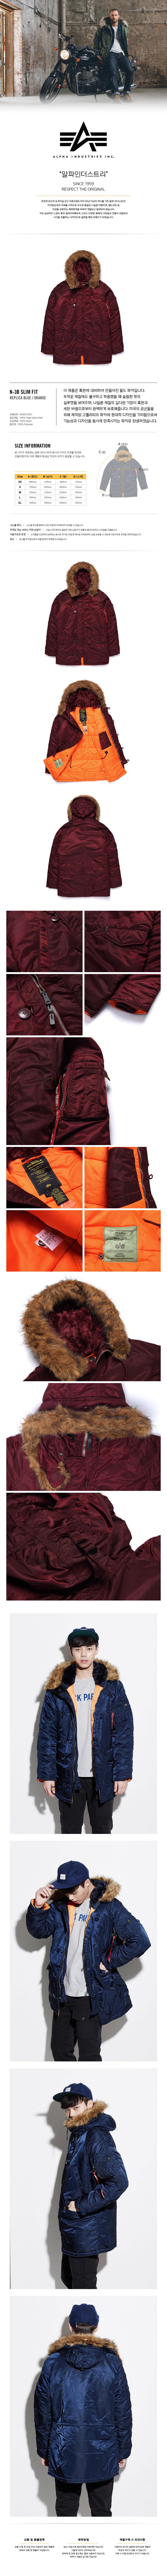 [알파인더스트리] Alpha Industries - N-3B Slim Fit (Maroon/Orange) 슬림핏 N3B 개파카 야상패딩 봄버